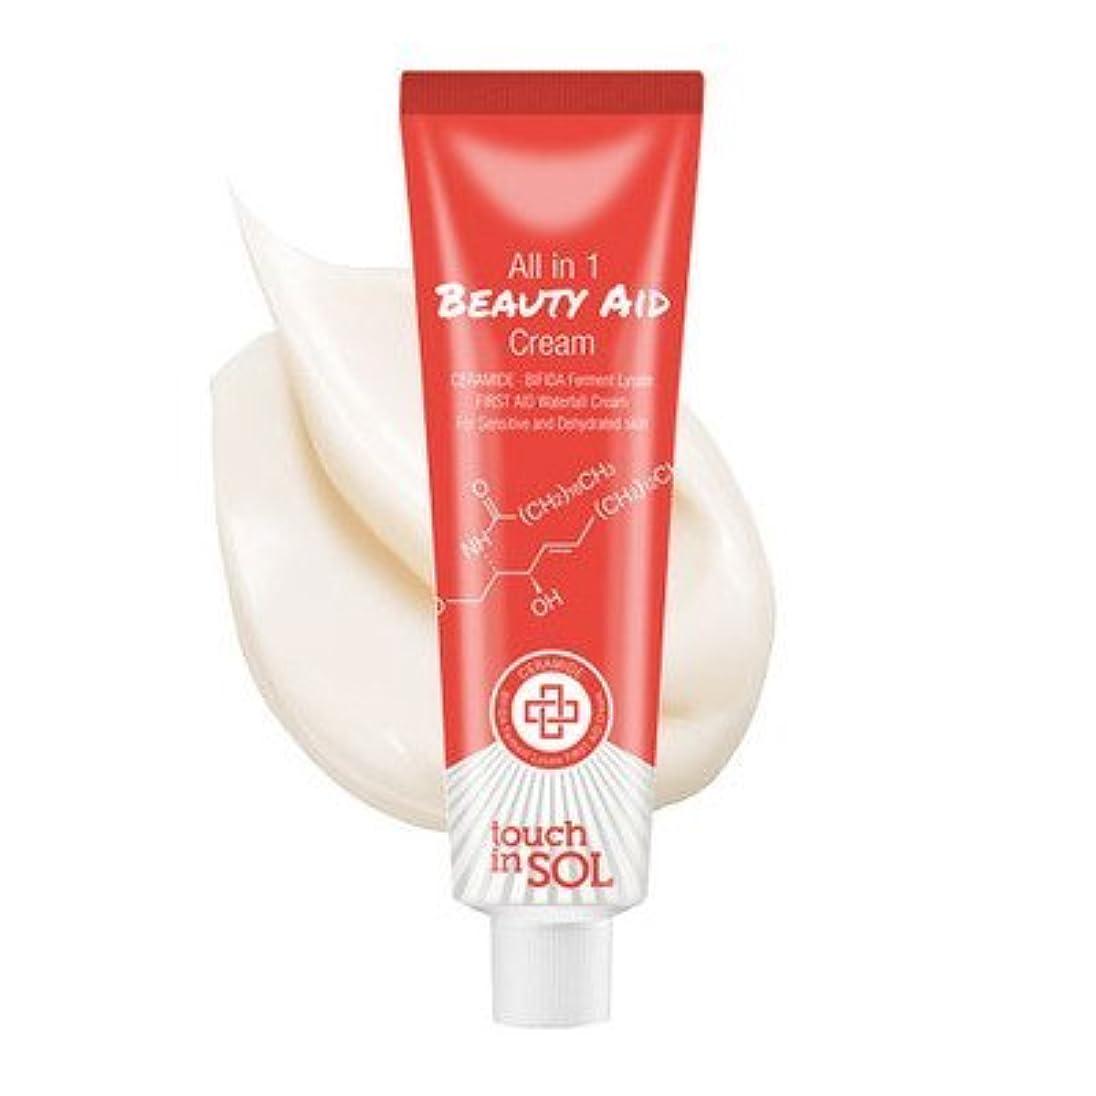 宙返りクルーズ無効にするTOUCH IN SOL((タッチ イン ソル)オールインワンビューティーエードクリーム/(TOUCH IN SOL)beauty aid cream [並行輸入品]